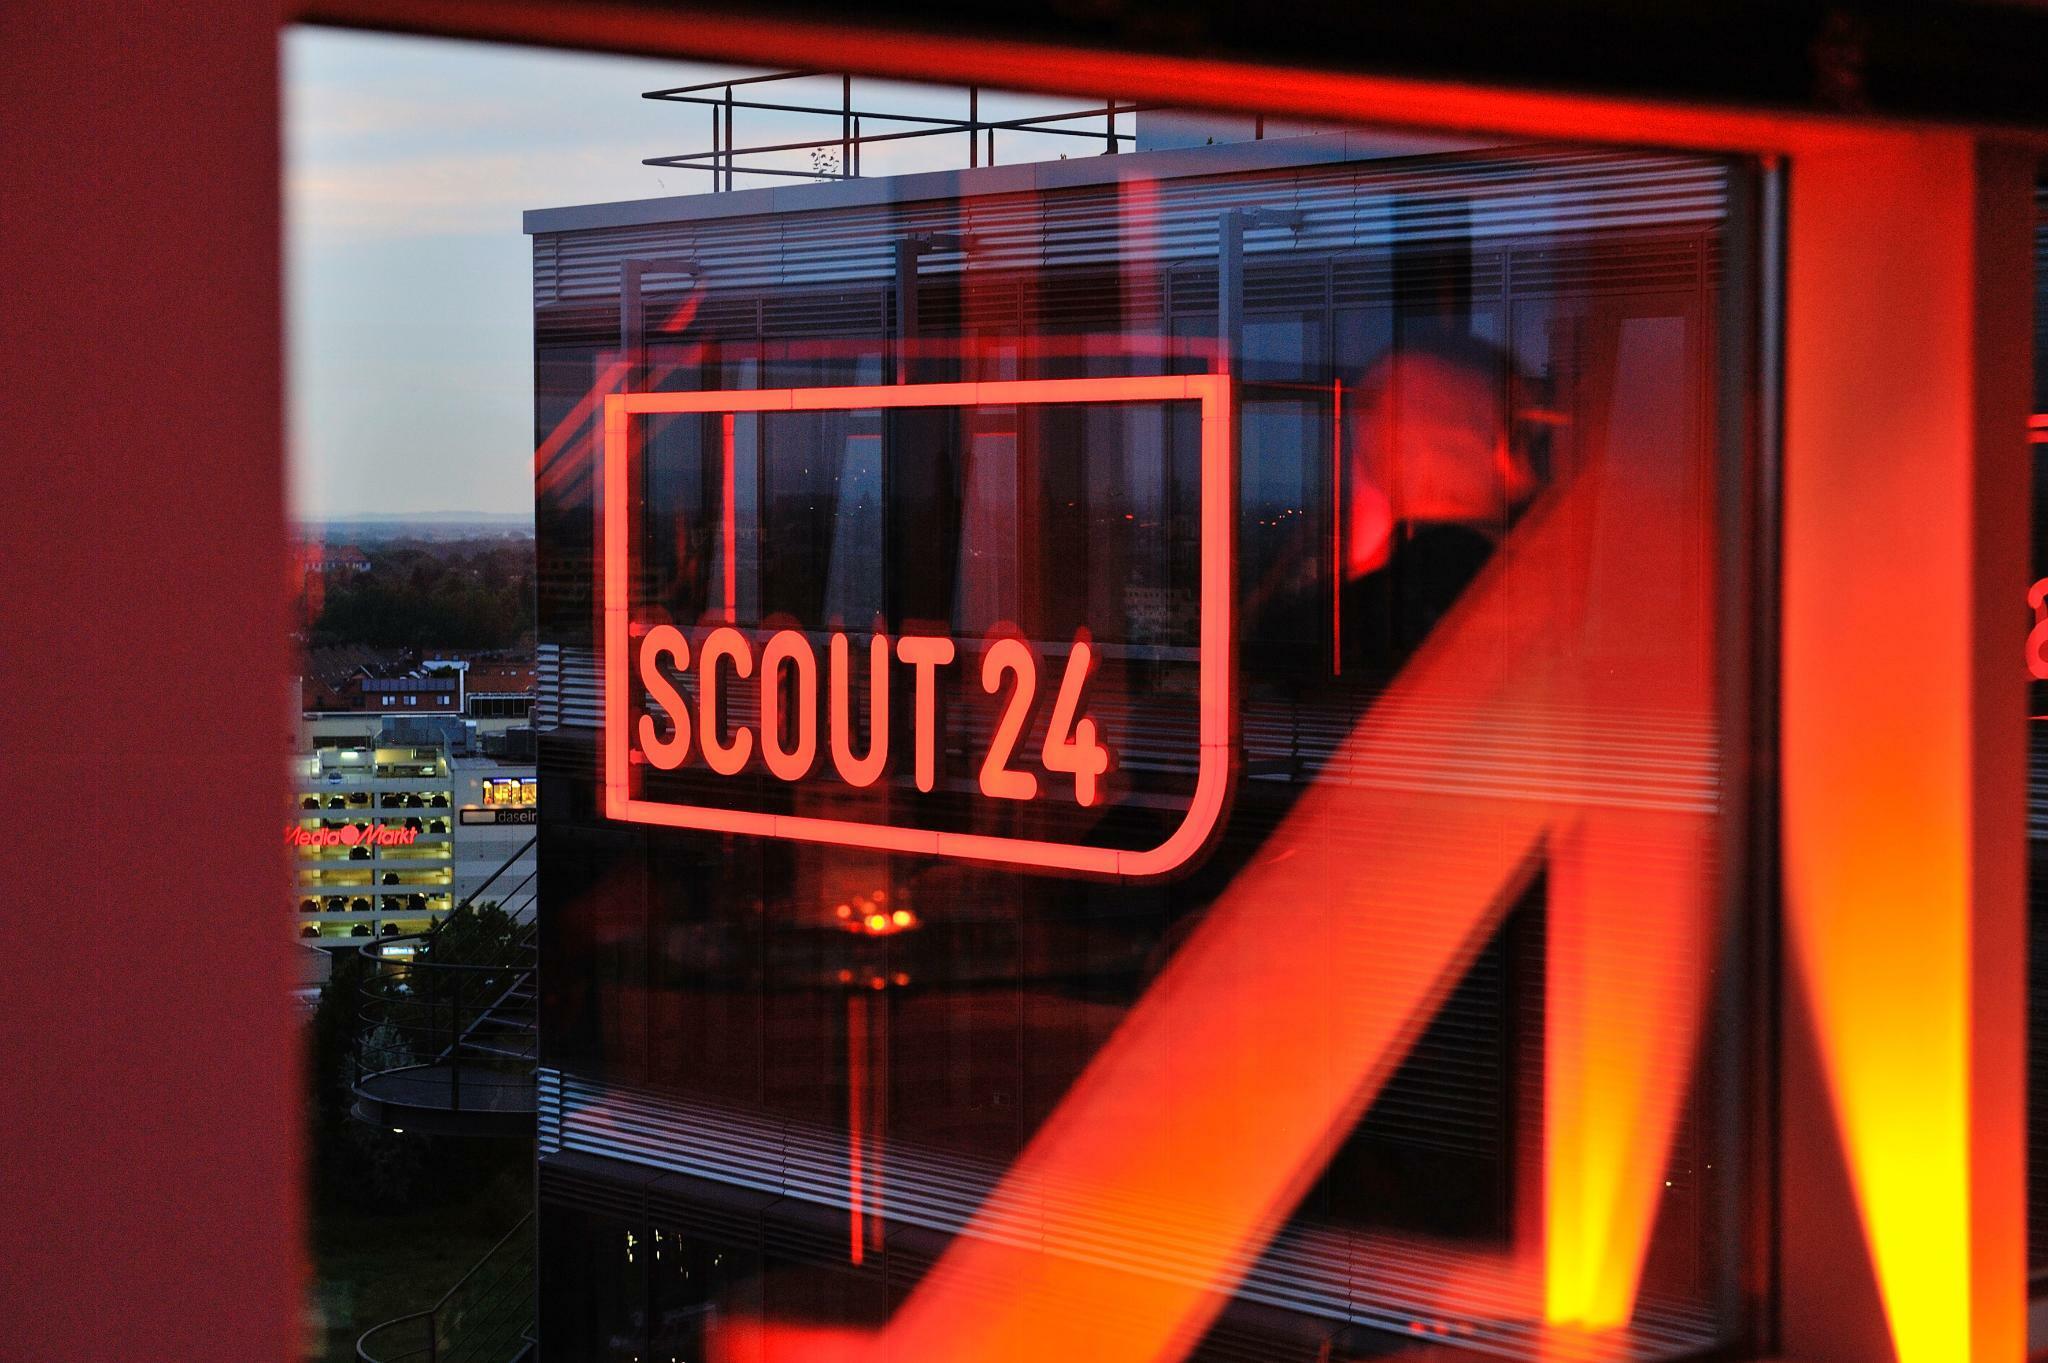 Scout24: Aktivistischer Investor Elliott macht Druck